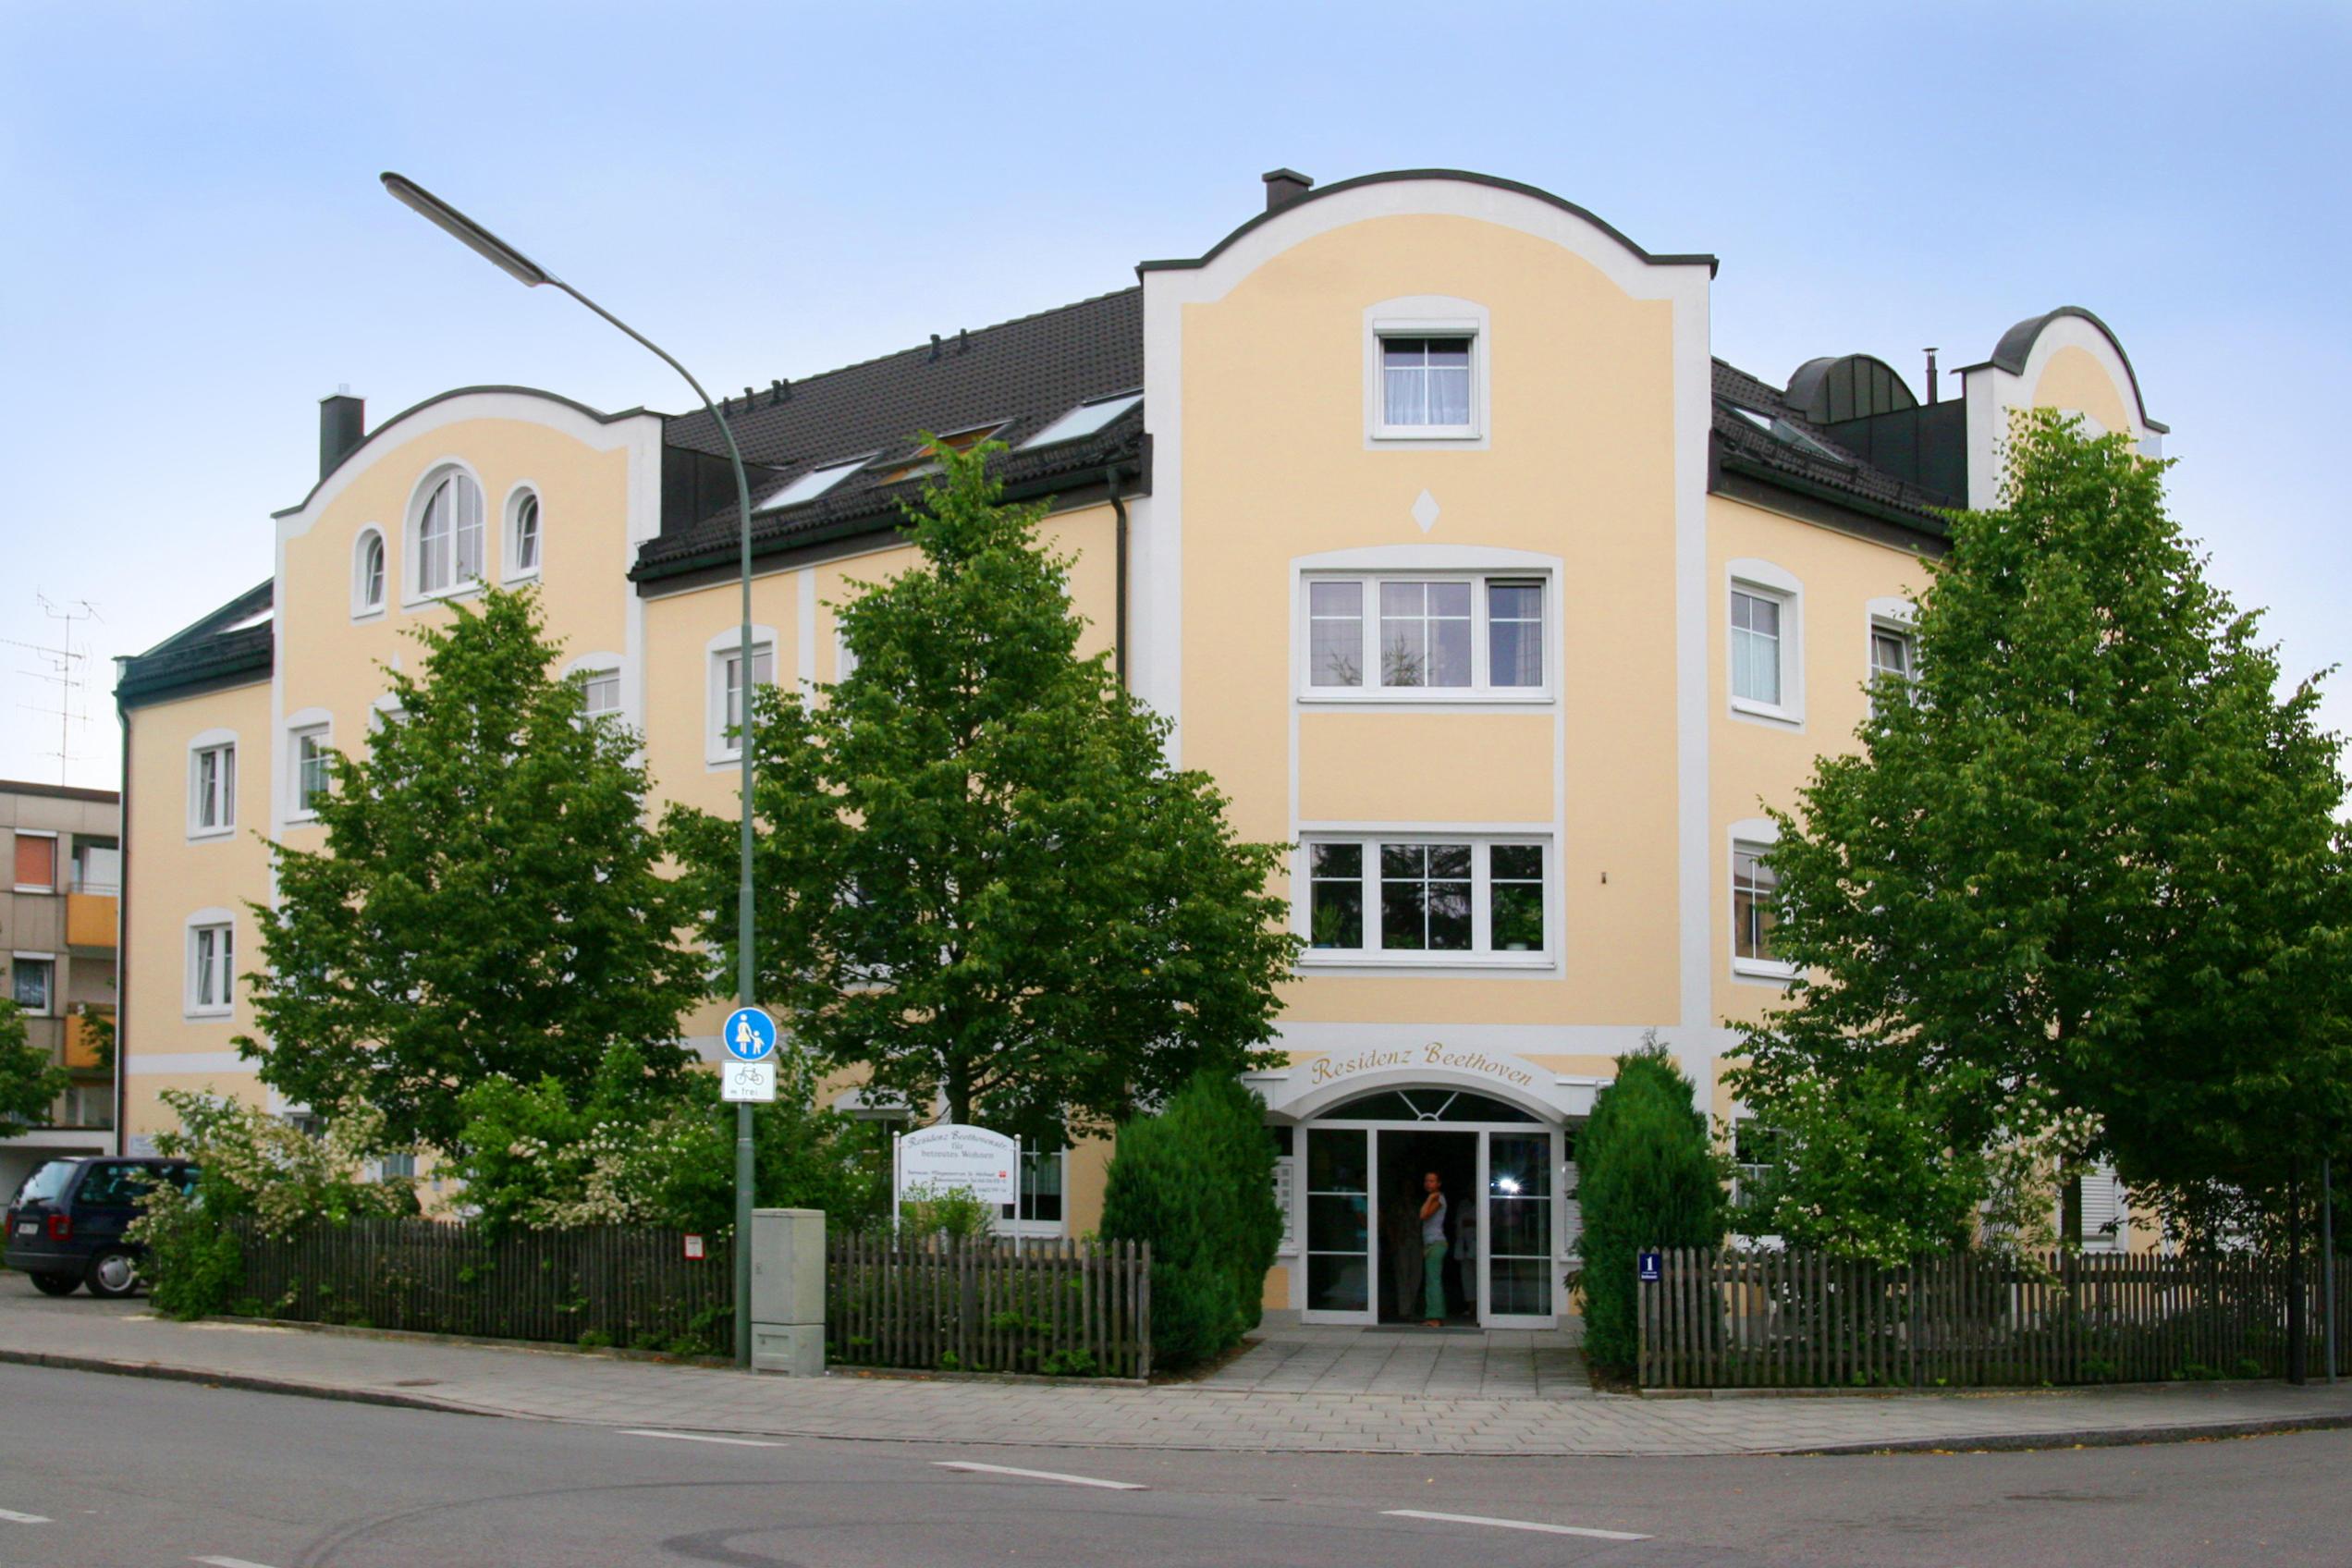 Beethoven Senioren-Residenz